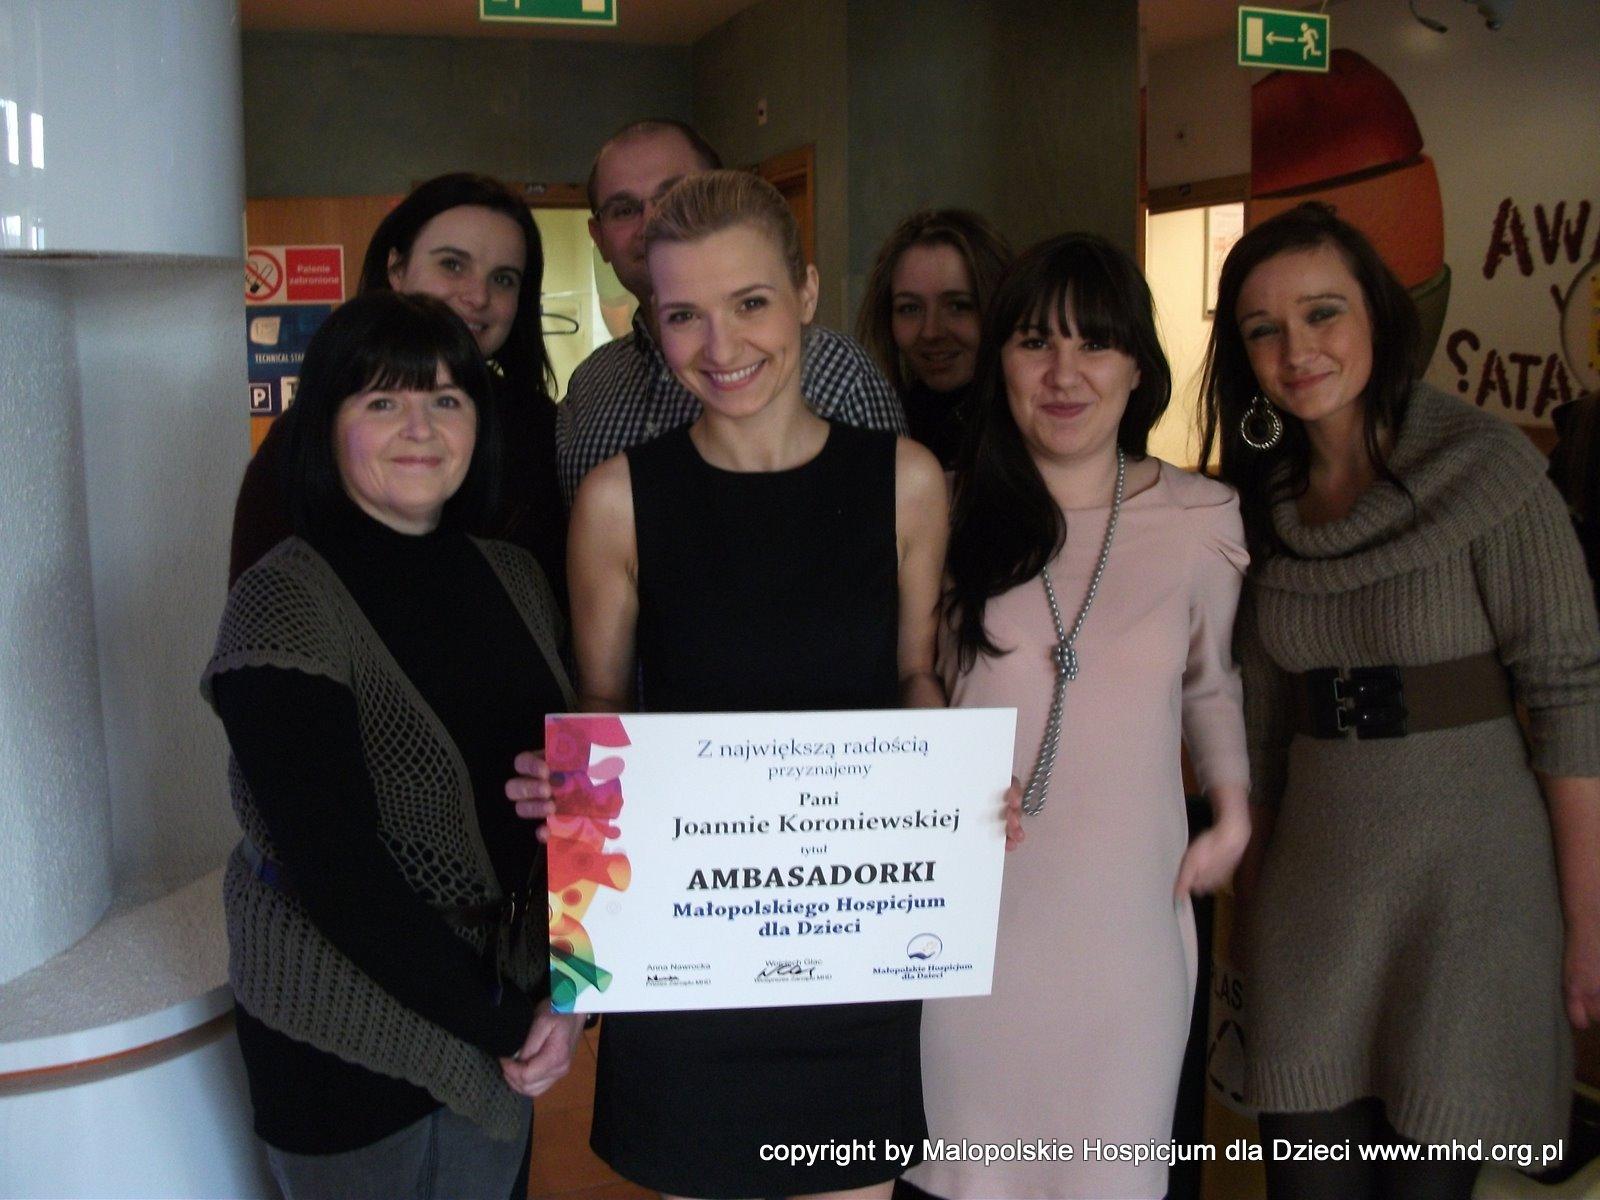 Joanna Koroniewska 10 lutego 2012 roku została Ambasadorką Małopolskiego Hospicjum dla Dzieci.  Na zdjęciach wspólnie z Panią Krystyną Jastrzębską - mamą Naszej Ani, podczas nagrania spotu TV kampanii pomozbudowac.pl